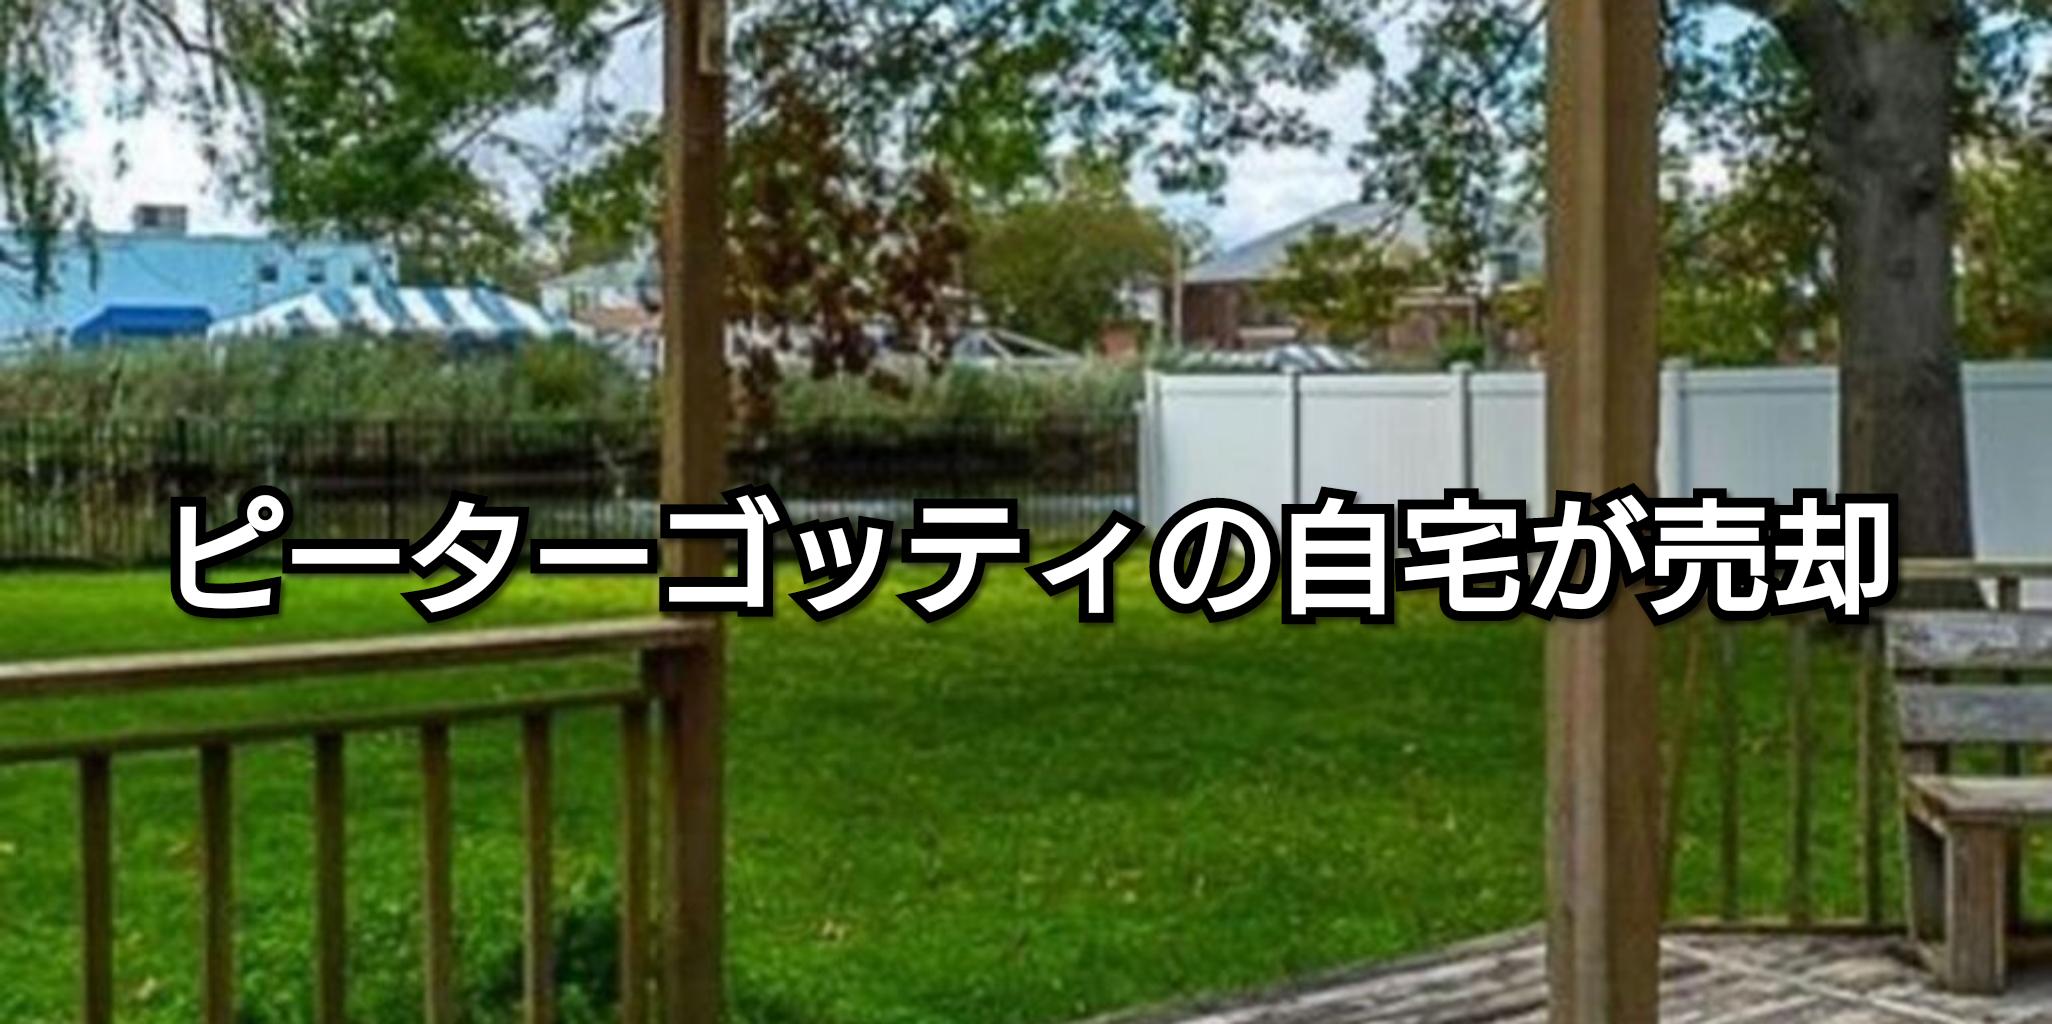 ピーターゴッティの自宅が売却